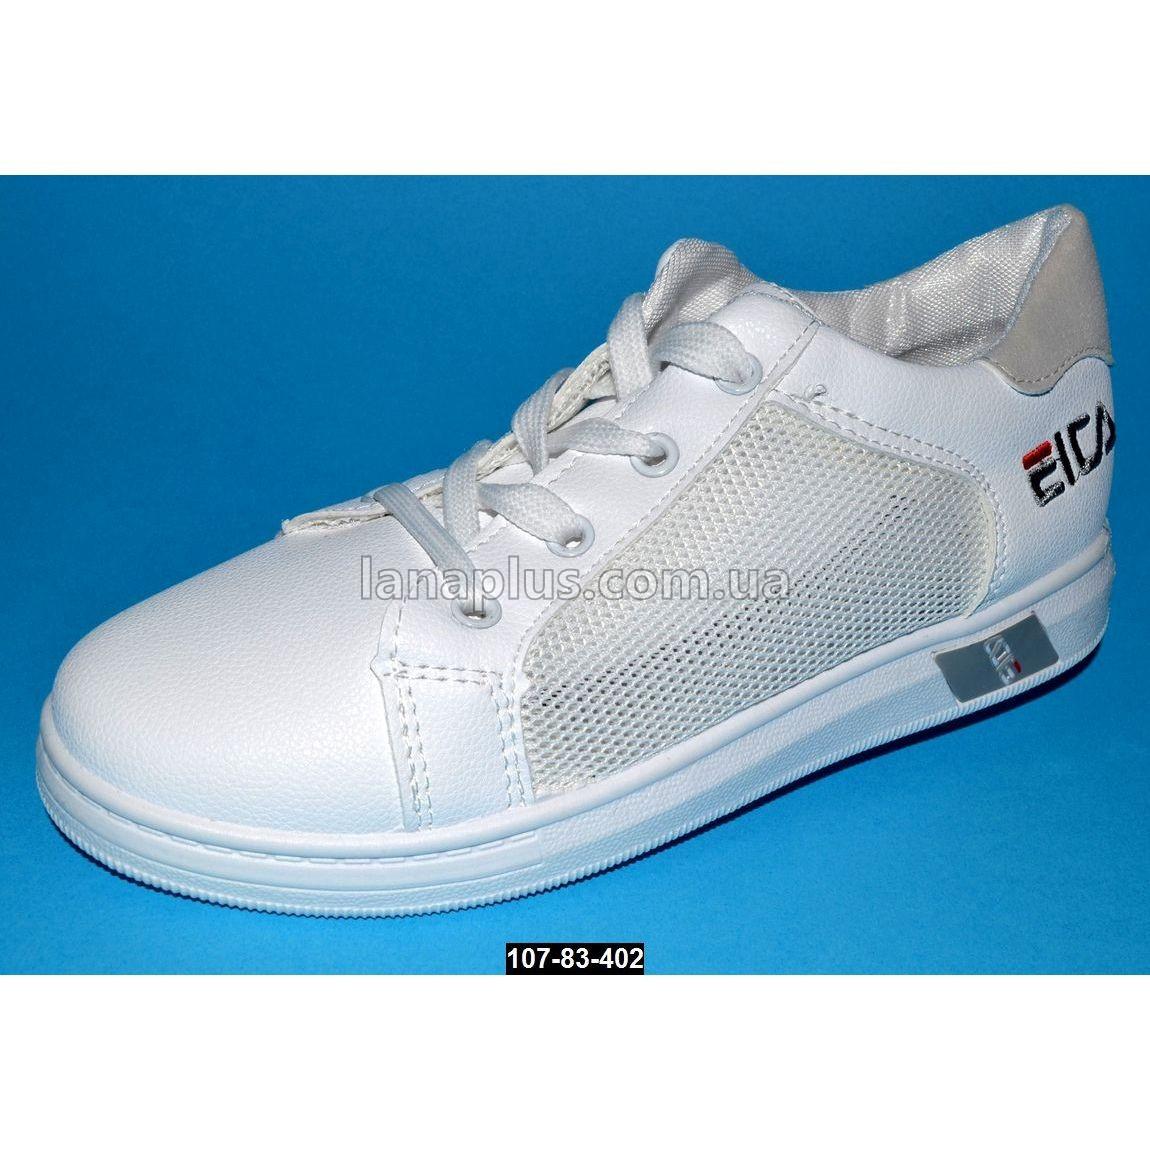 98cd4551 Летние детские кроссовки, 31-34 размер, сетка, 107-83-402 - купить в ...